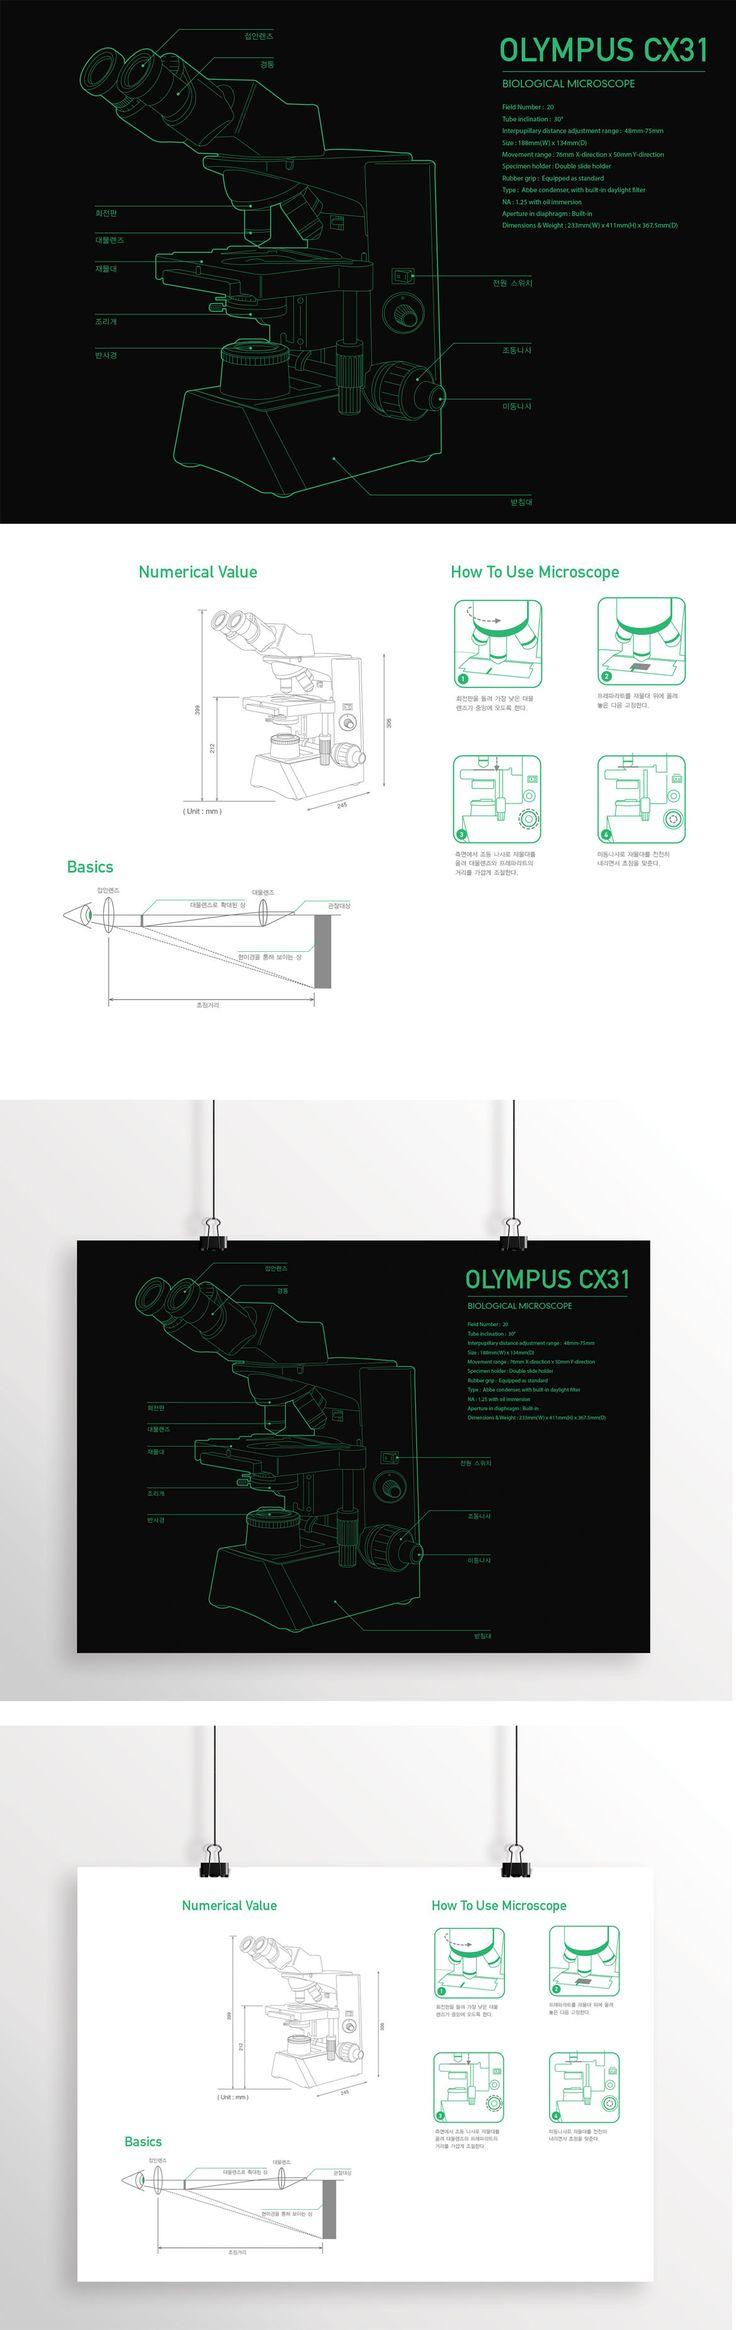 So Dam│ Information Design 2015│ Major in Digital Media Design │#hicoda │hicoda.hongik.ac.kr